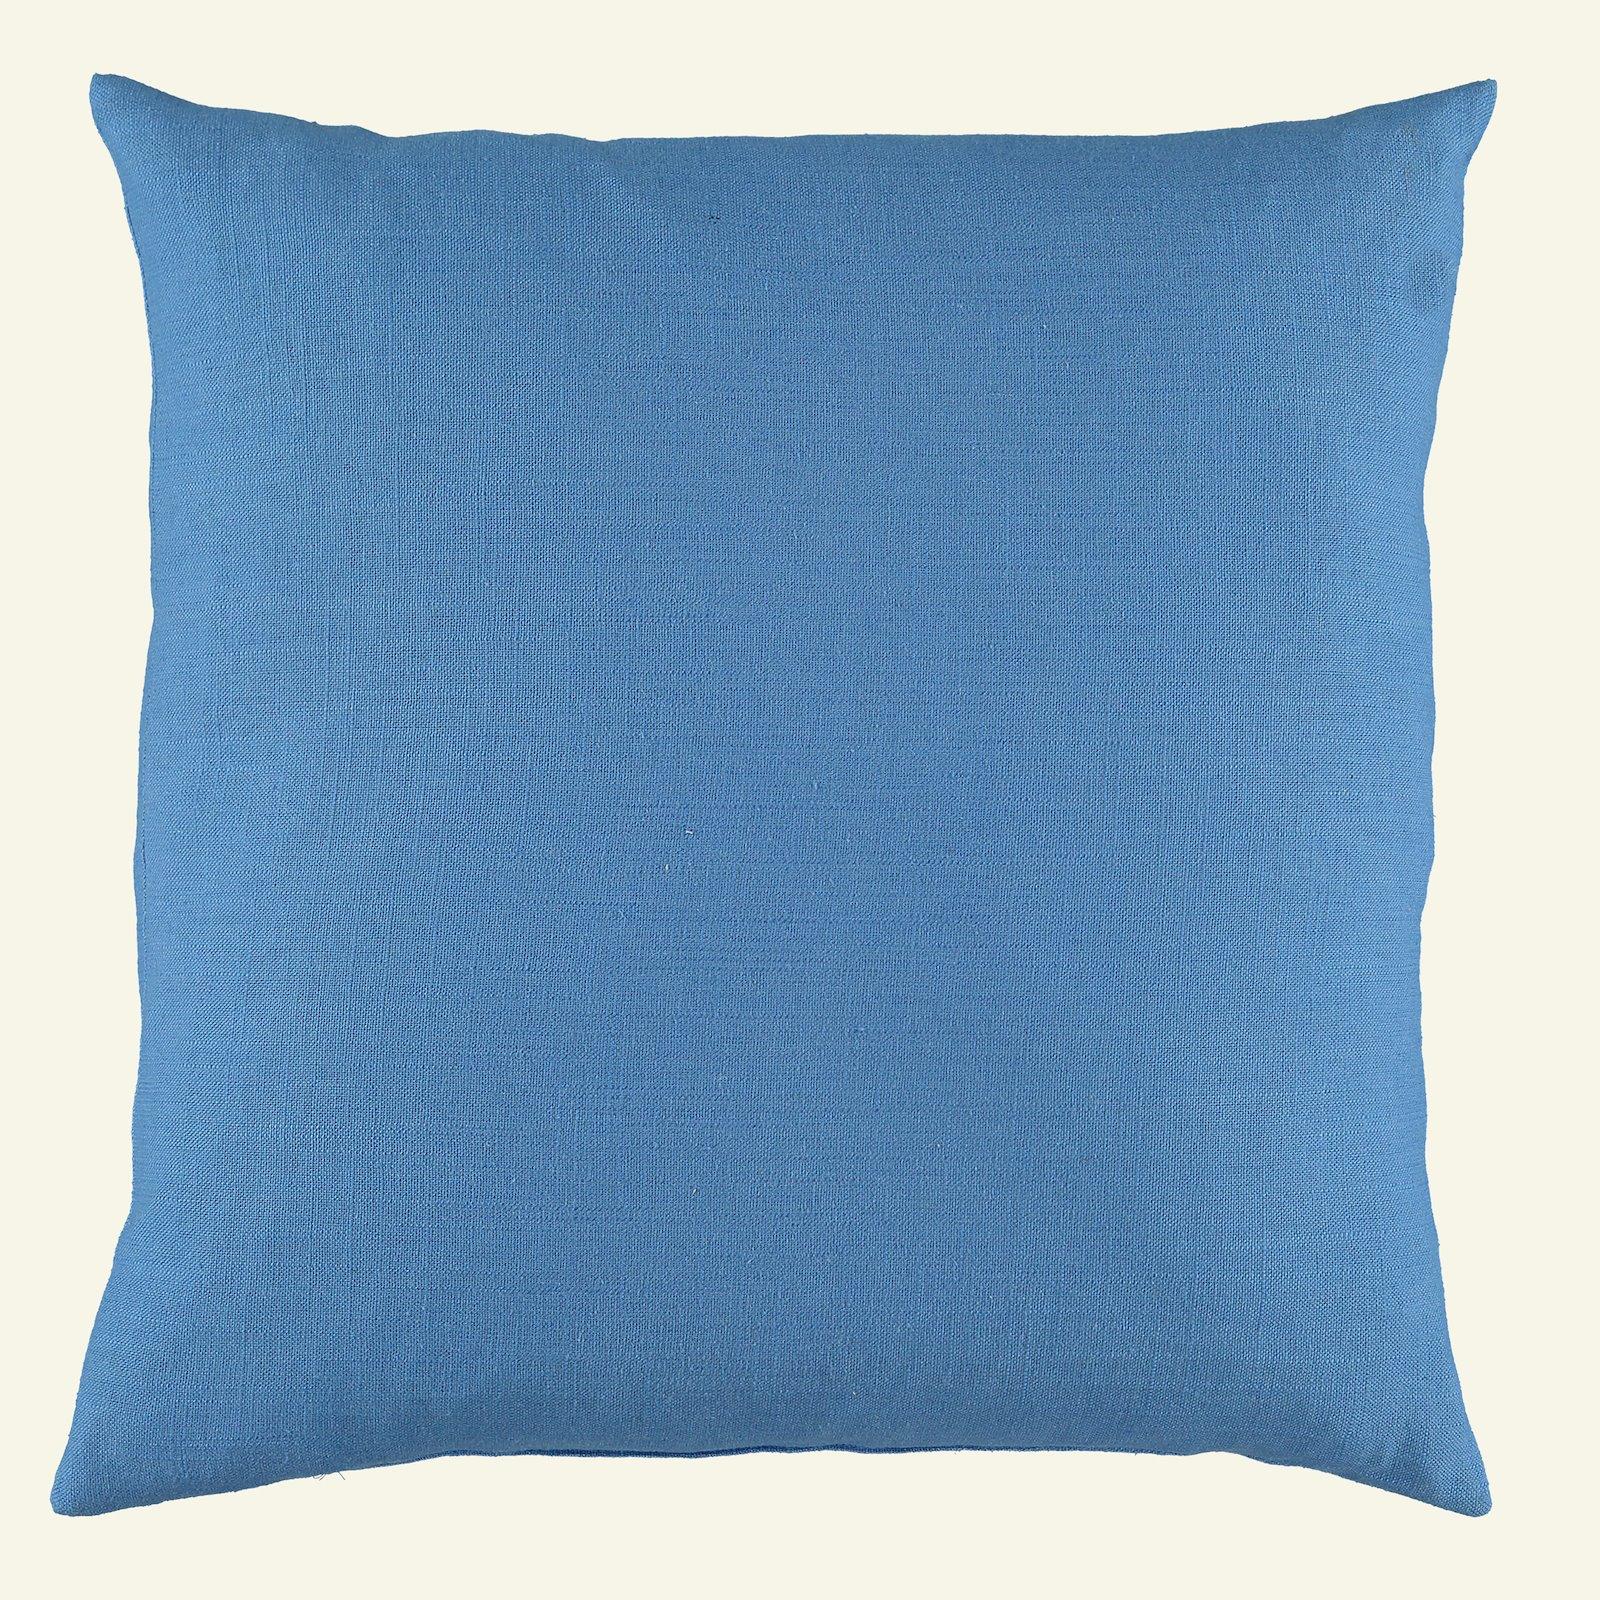 Coarse linen/viscose light cobalt blue 852357_sskit